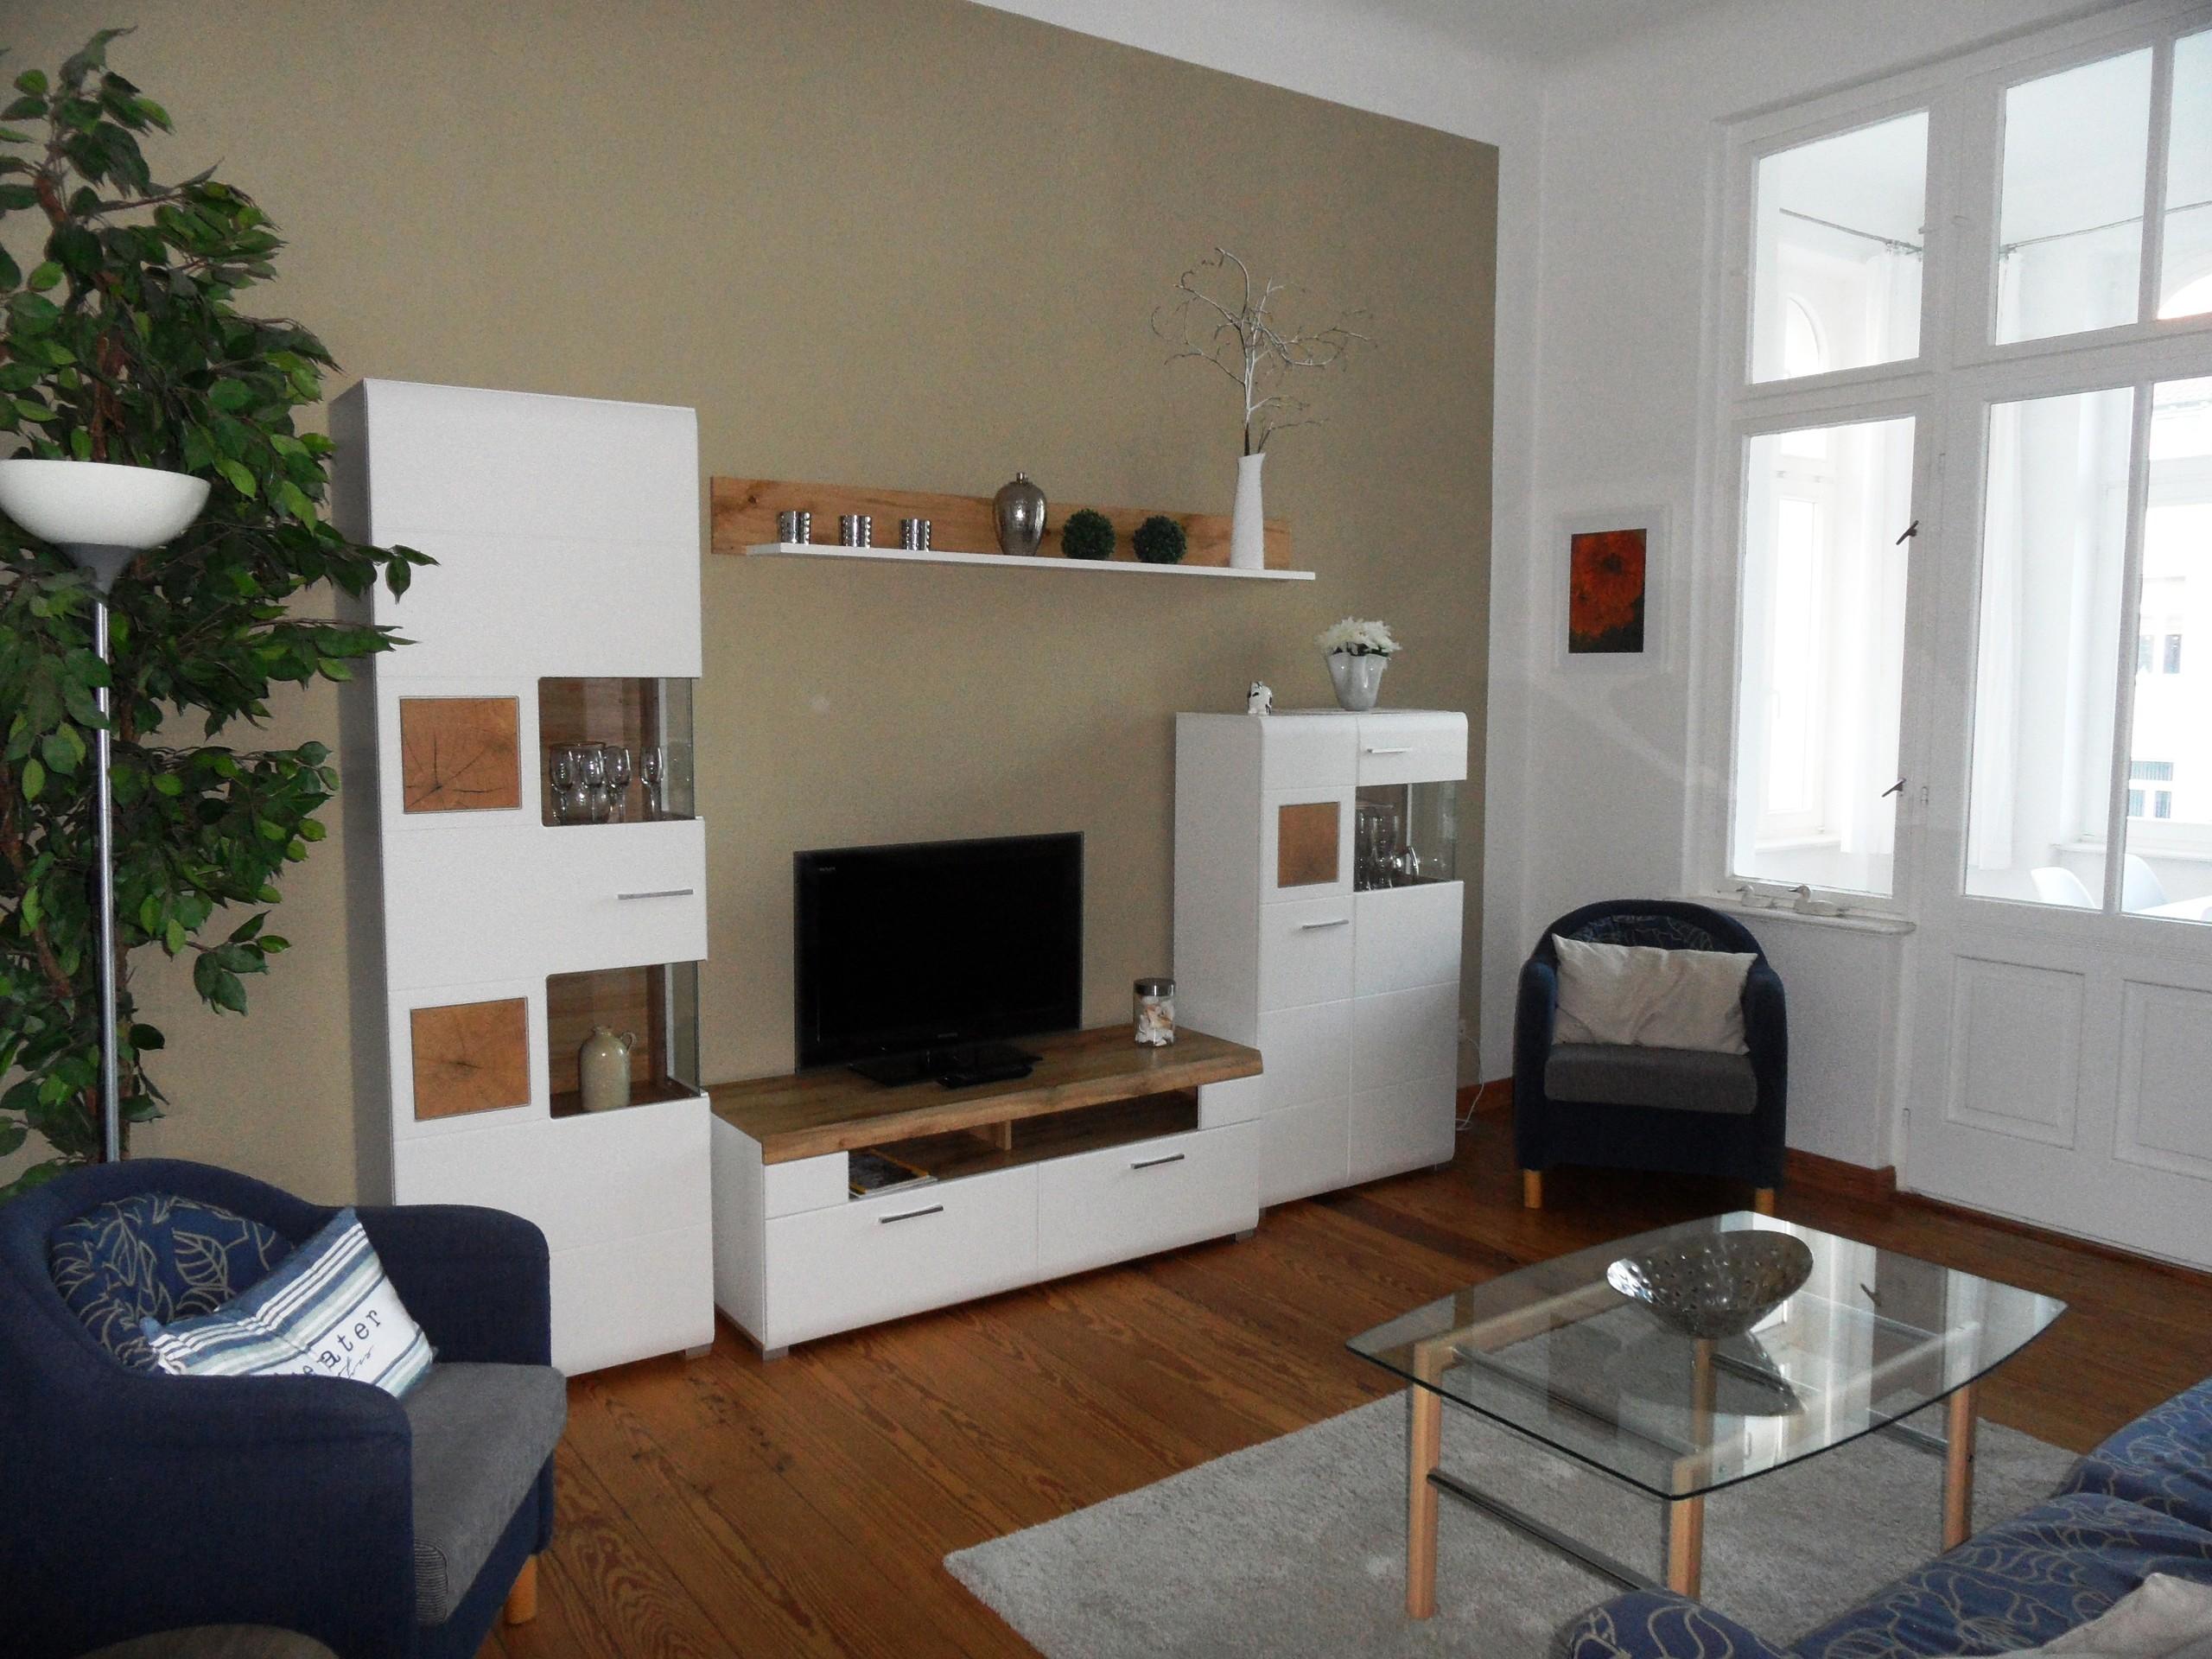 Wohnzimmer mit Veranda - Frühstück mit Seeblick